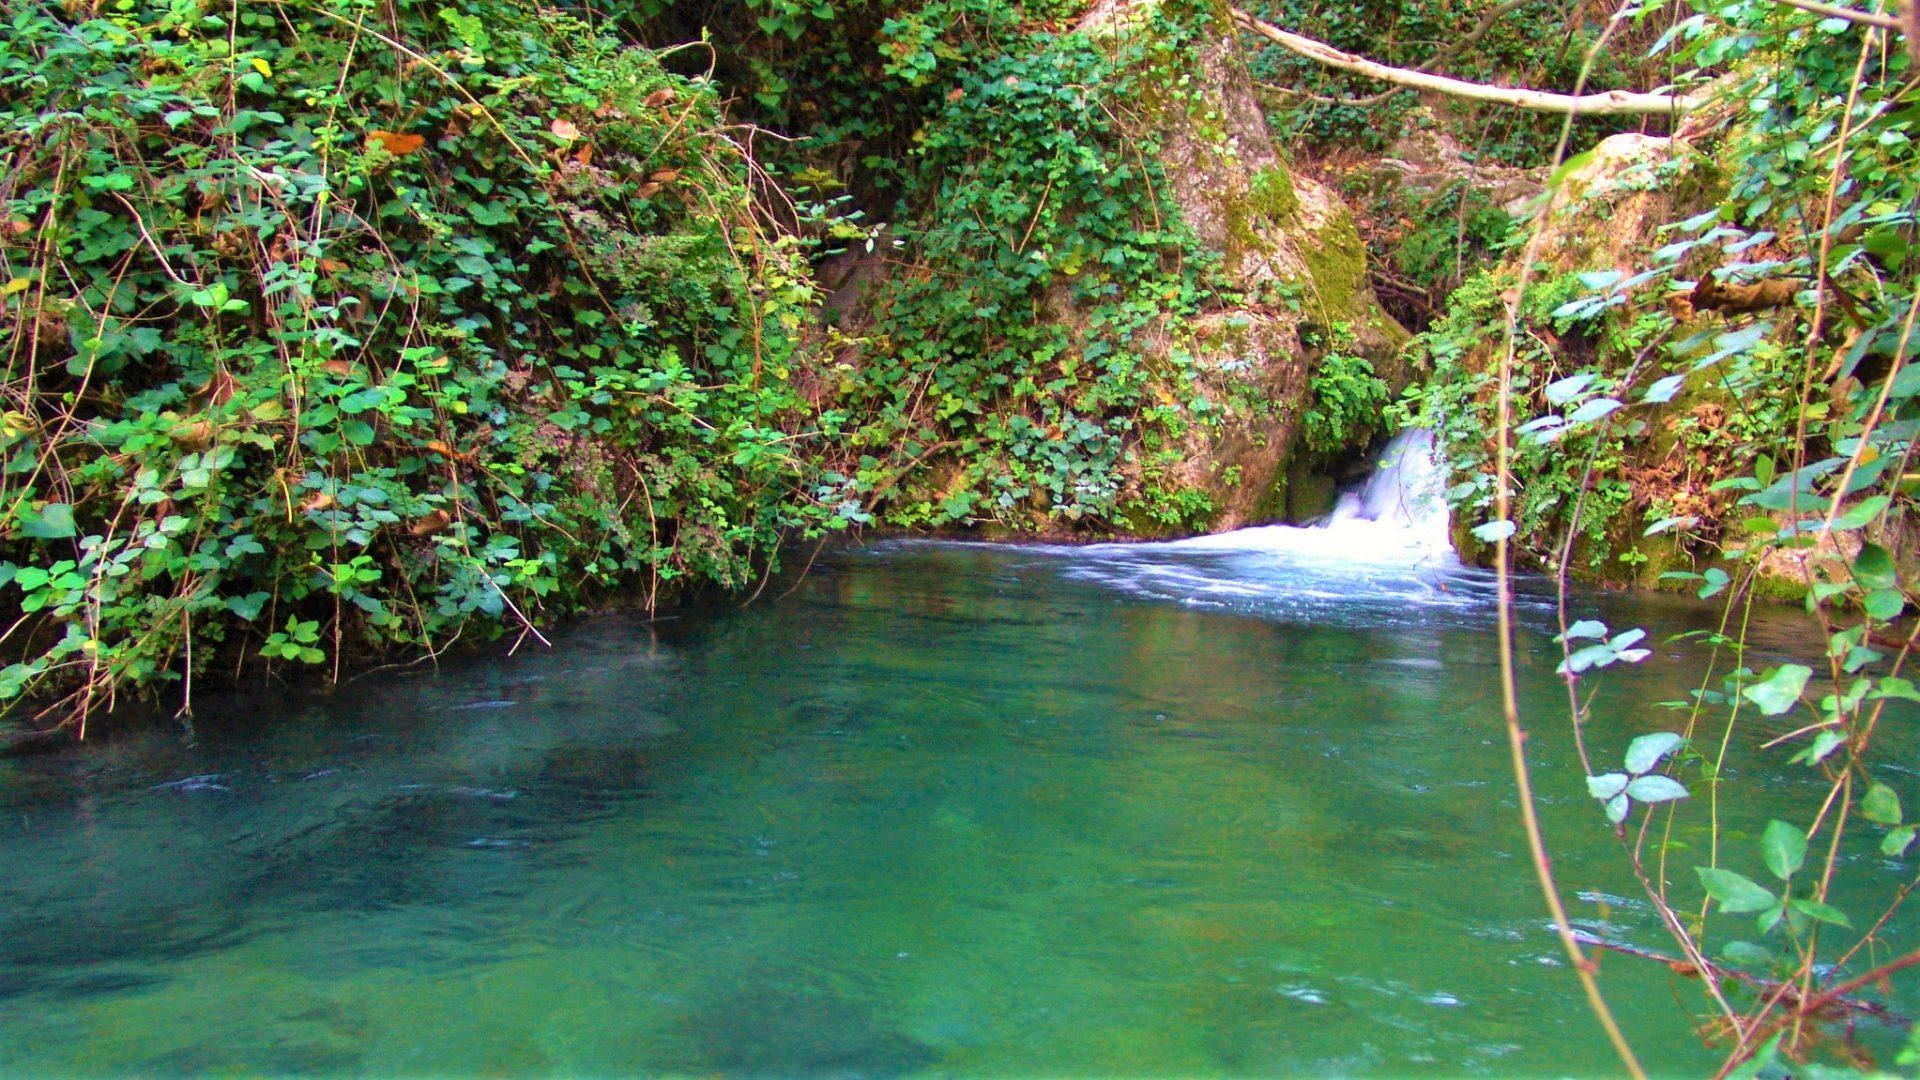 Terveydelle hyödylliset luonnolliset altaat Espanjassa